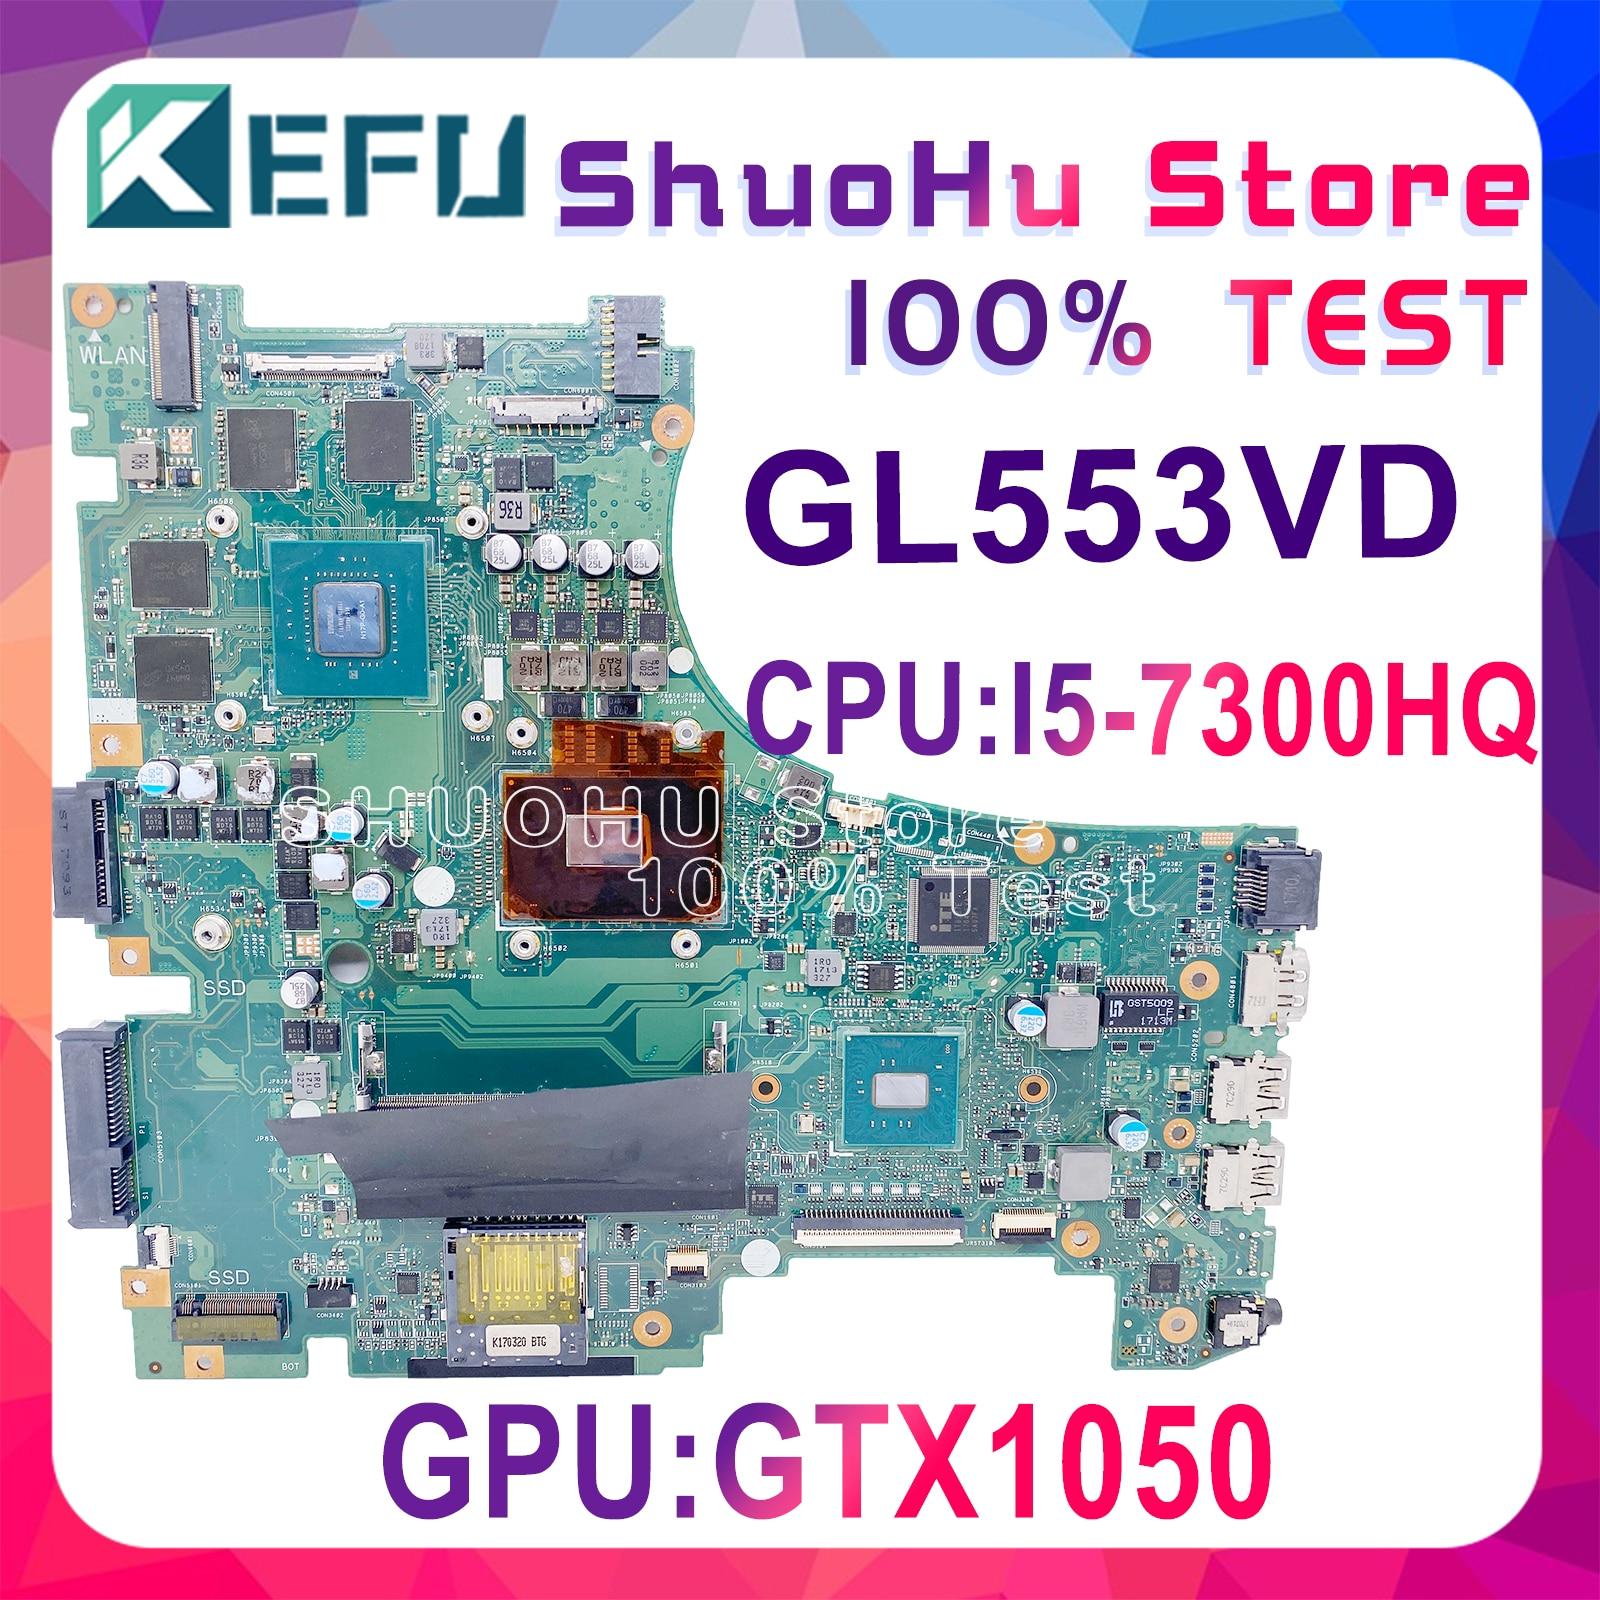 KEFU GL553VD اللوحة الأم لأجهزة الكمبيوتر المحمول ASUS ROG Strix GL553V ZX53V FX53VD GL553VE mainboardI5-7300HQ الأصلي GTX1050 100% اختبار